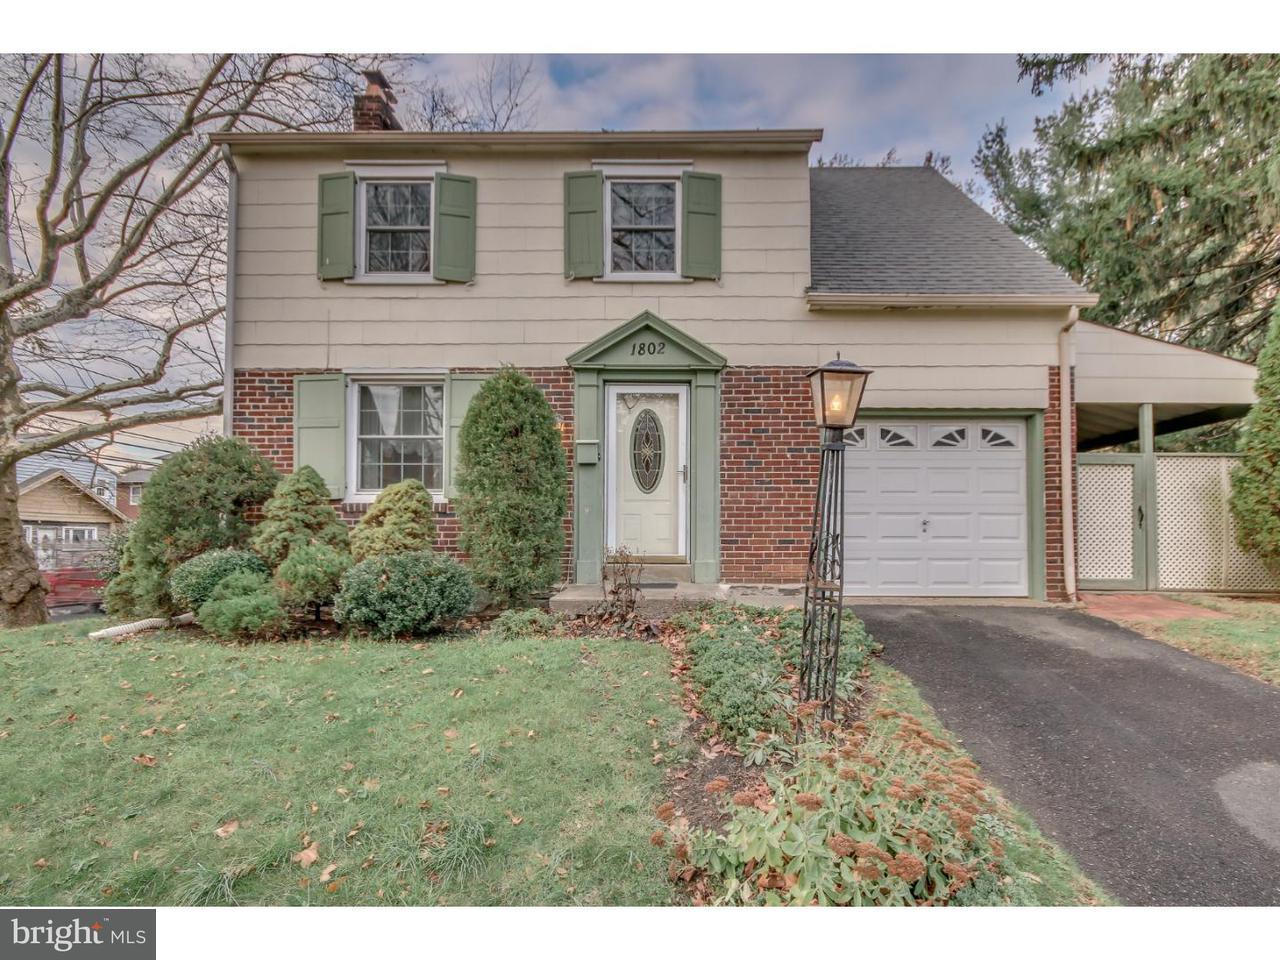 独户住宅 为 销售 在 1802 ALLEN Lane Abington, 宾夕法尼亚州 19001 美国